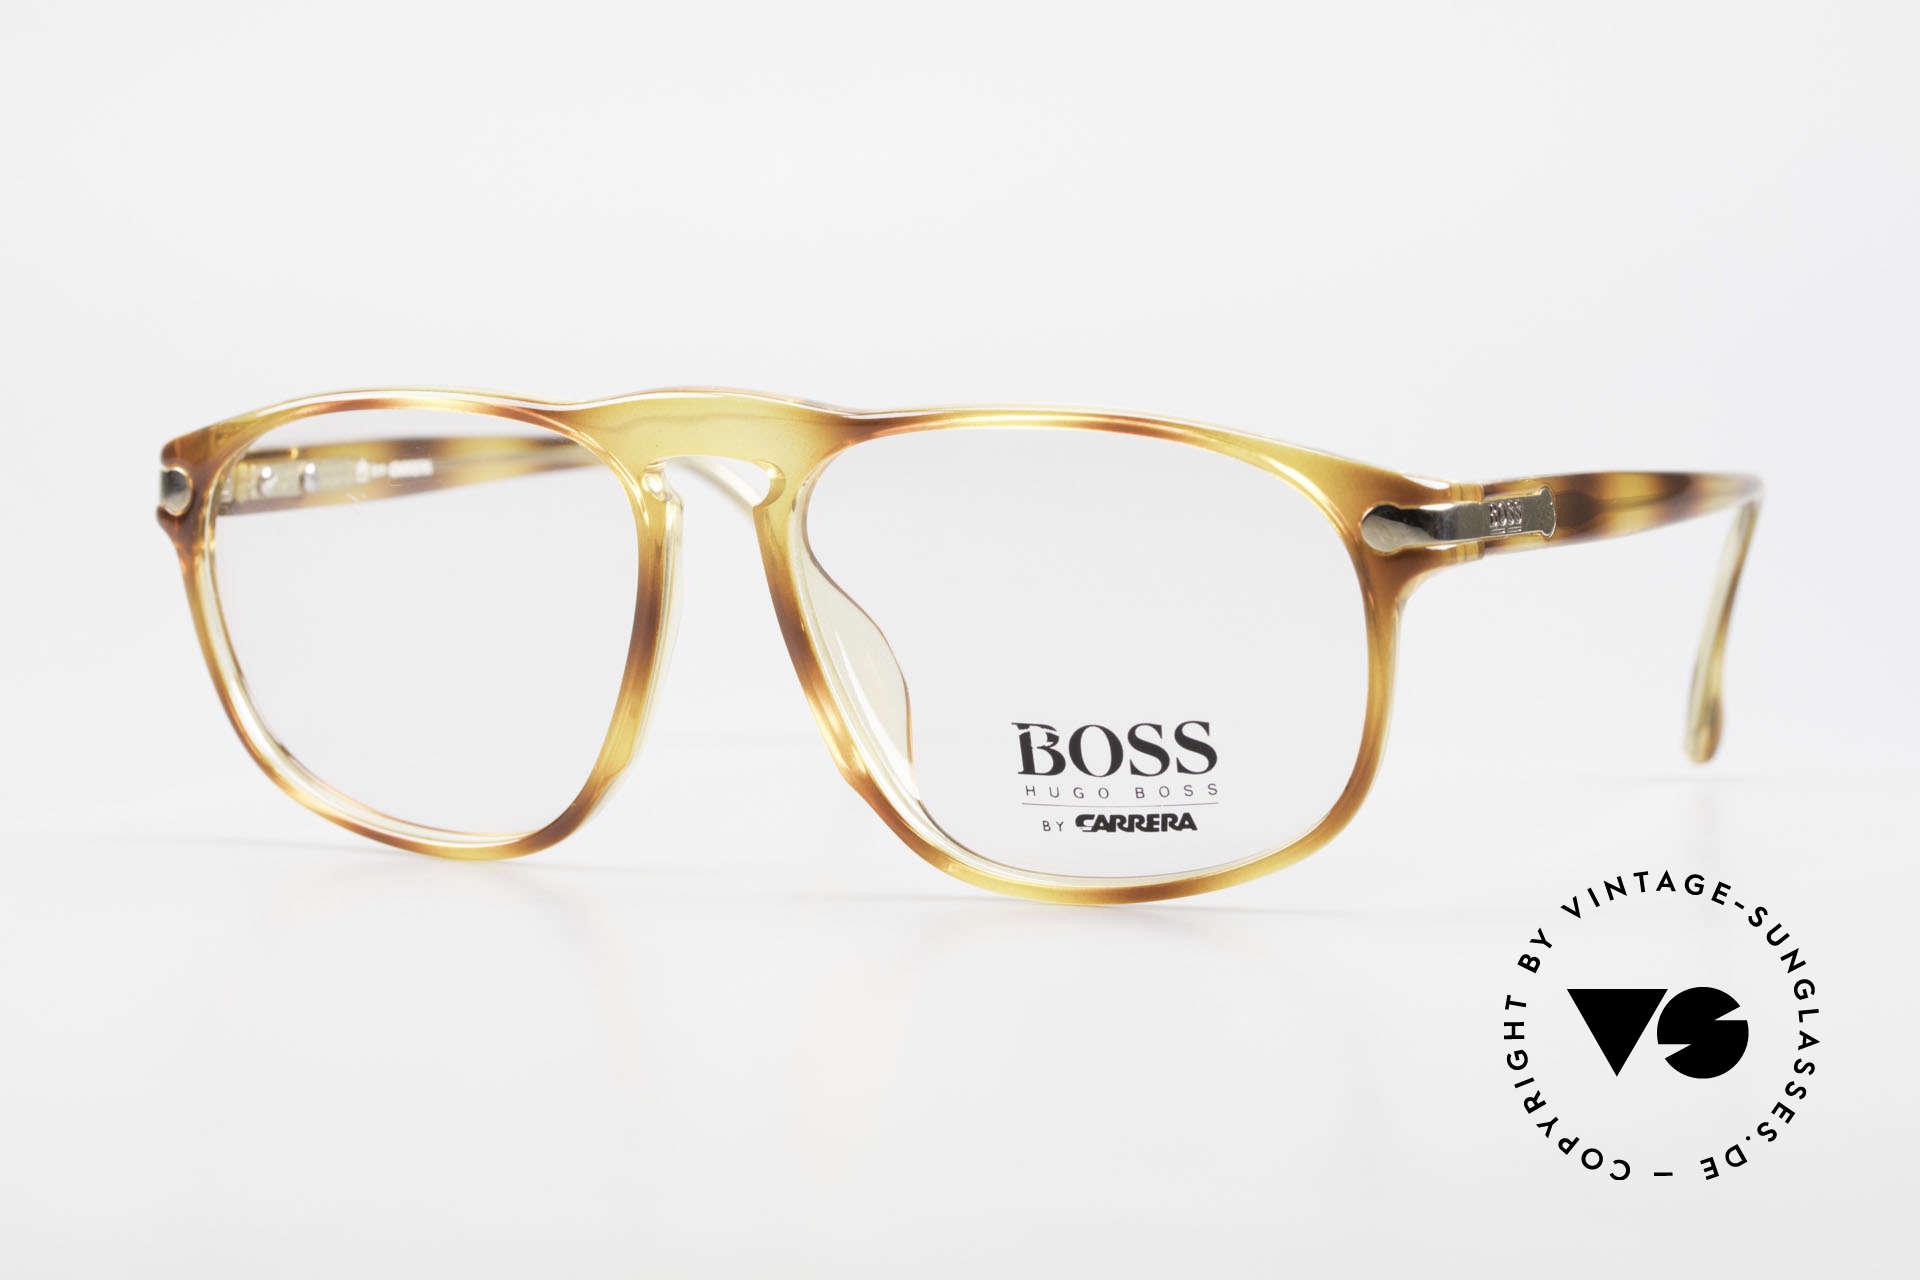 BOSS 5102 Square Vintage Optyl Glasses, striking BOSS vintage designer glasses of the 90's, Made for Men